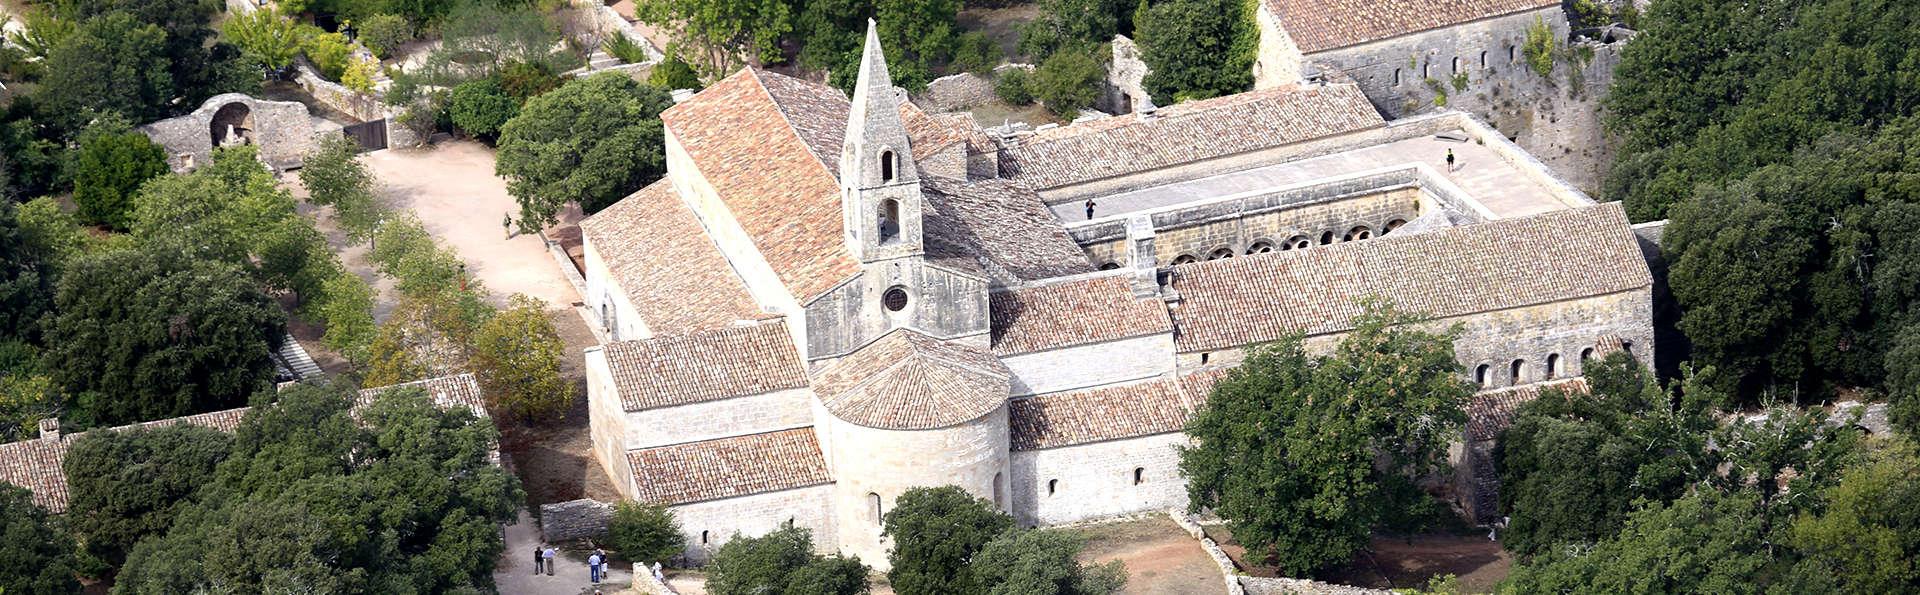 Week-end dans le Var avec visite de l'Abbaye de Thoronet